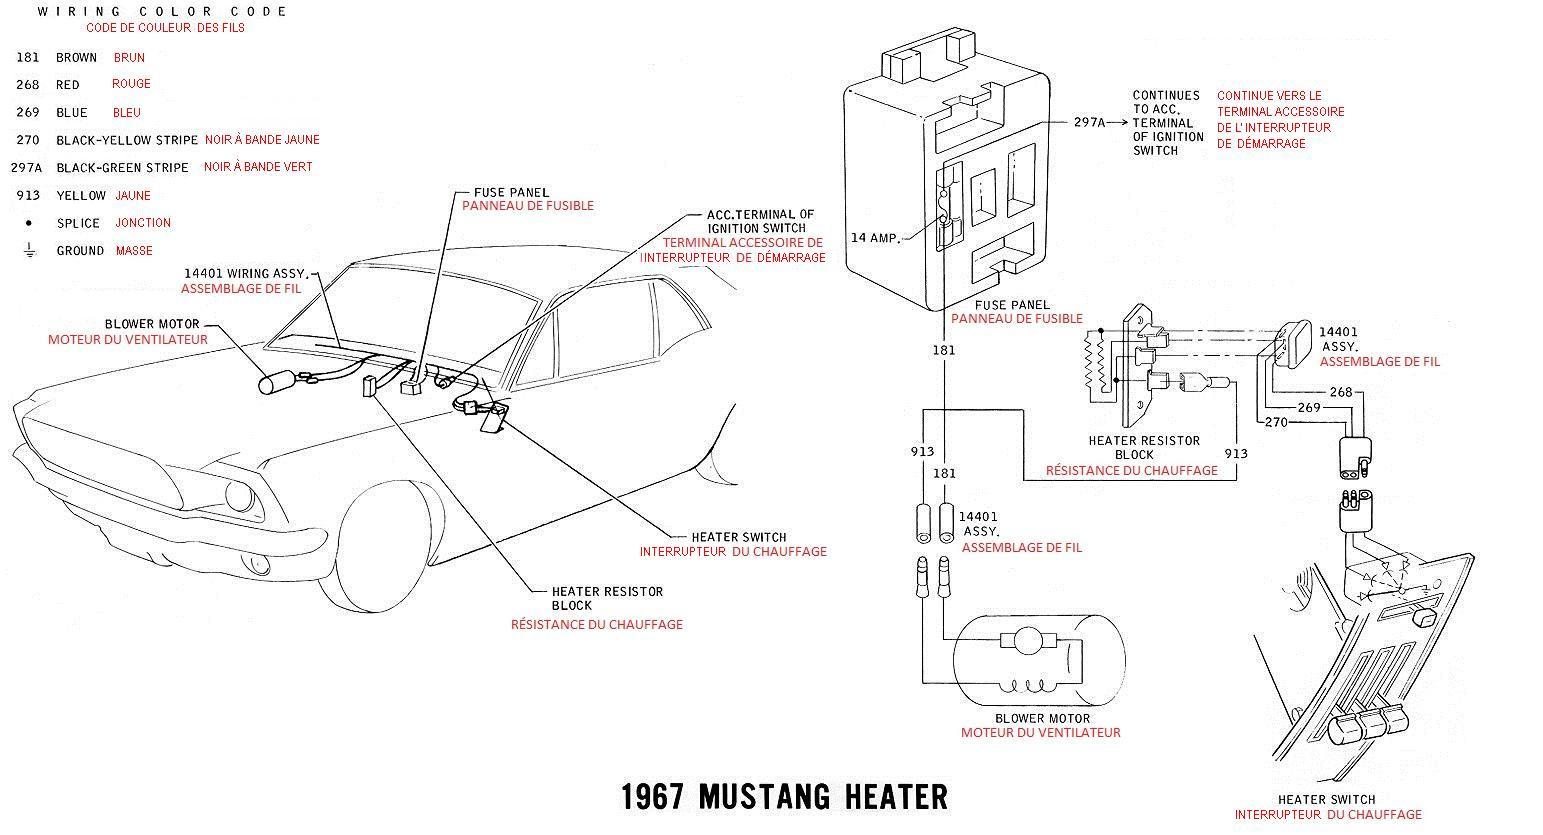 Schema Et Diagramme Electrique En Francais Pour La Mustang